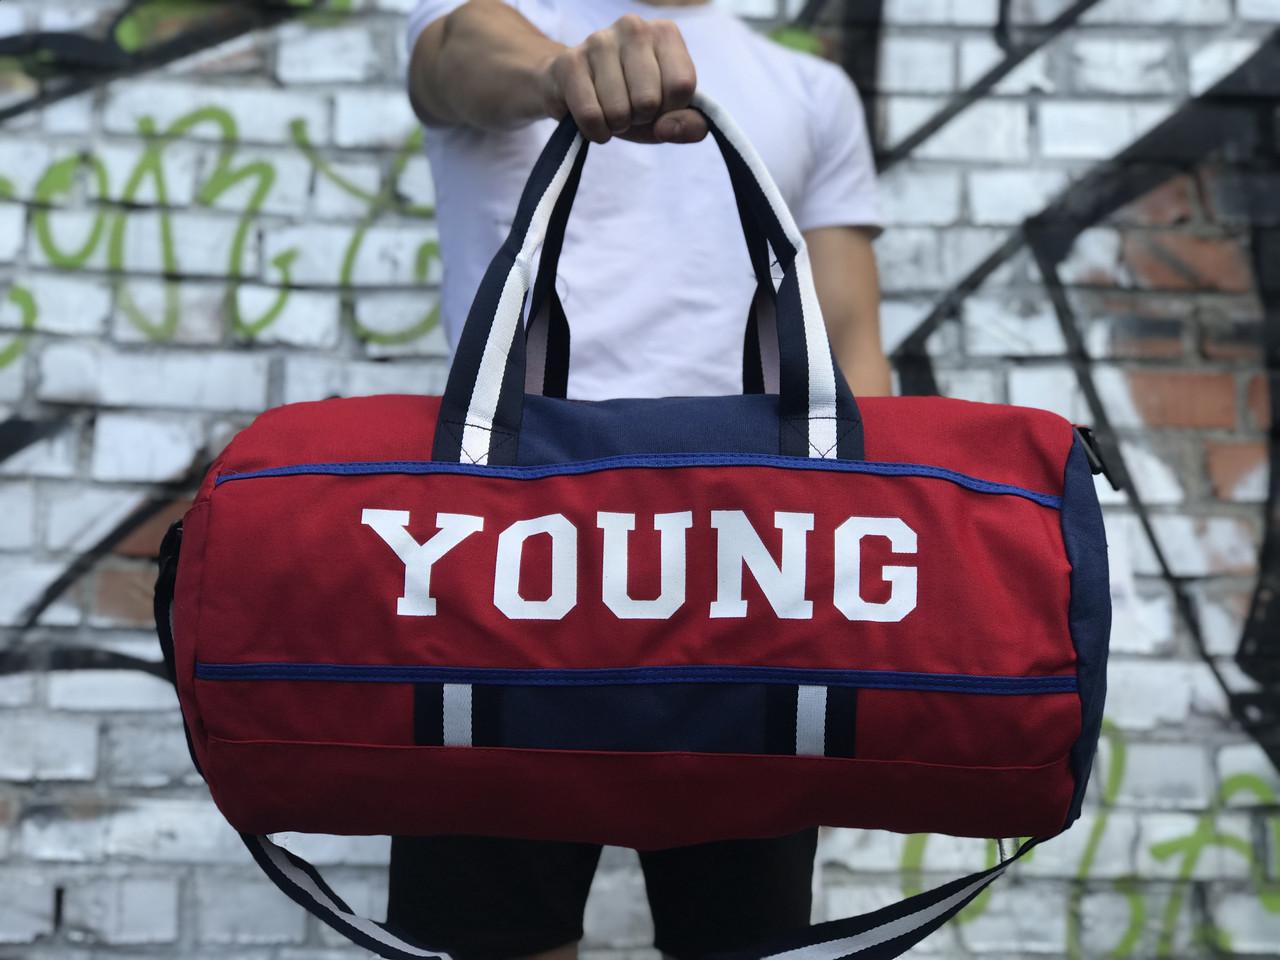 Мужская спортивная сумка Young, красная с синим